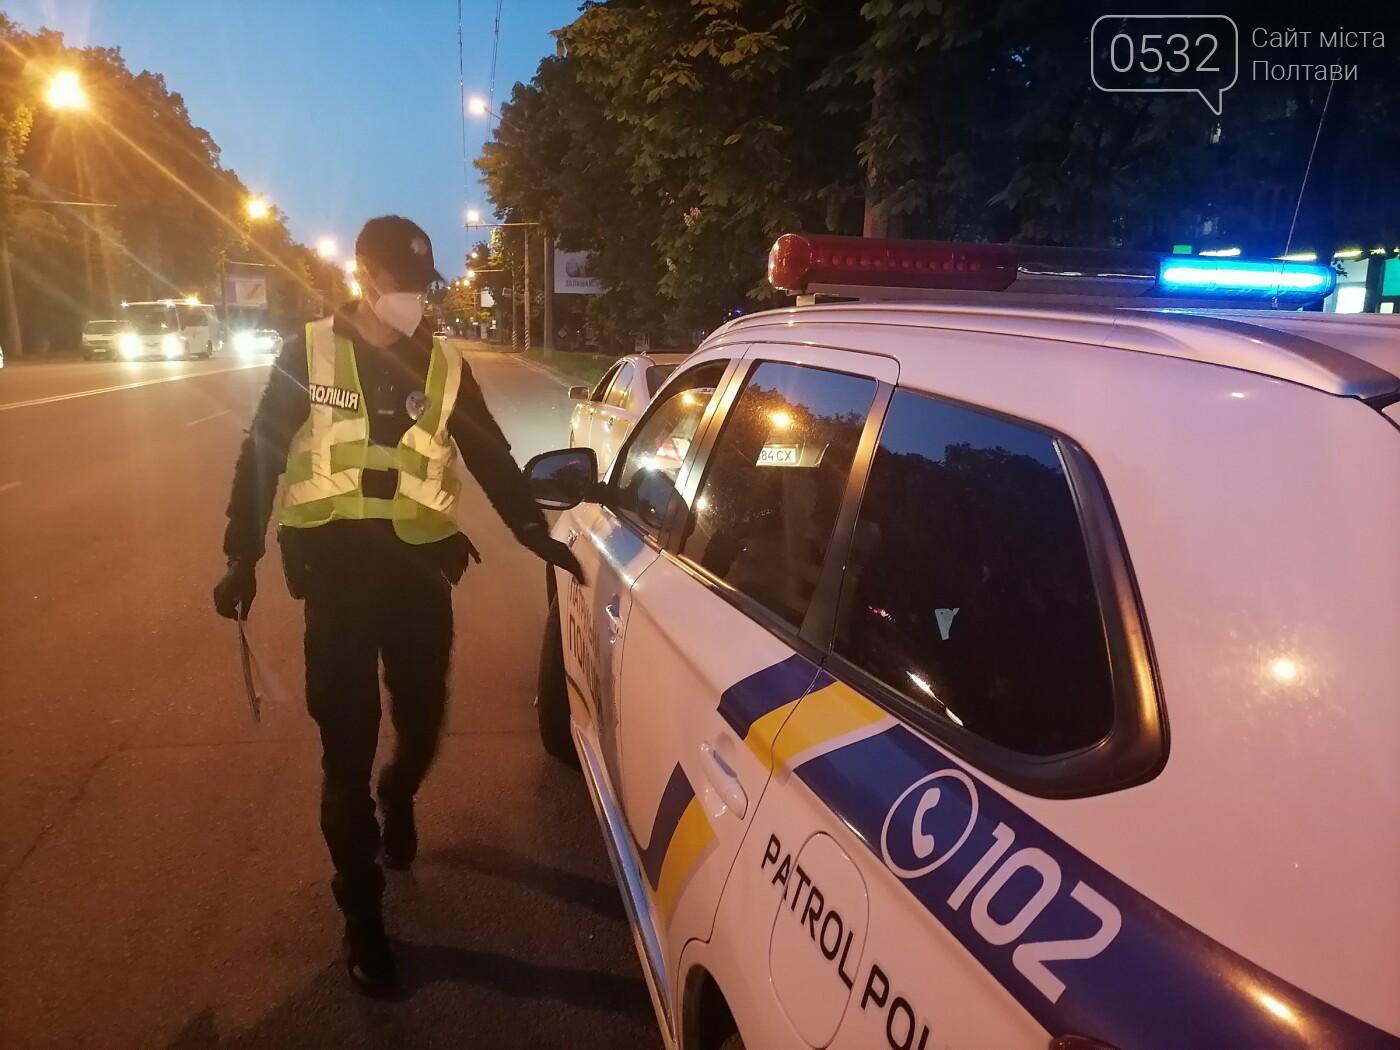 У Полтаві патрульні записали на реєстратор порушення на перехресті та оштрафували водія (ФОТО, ВІДЕО), фото-3